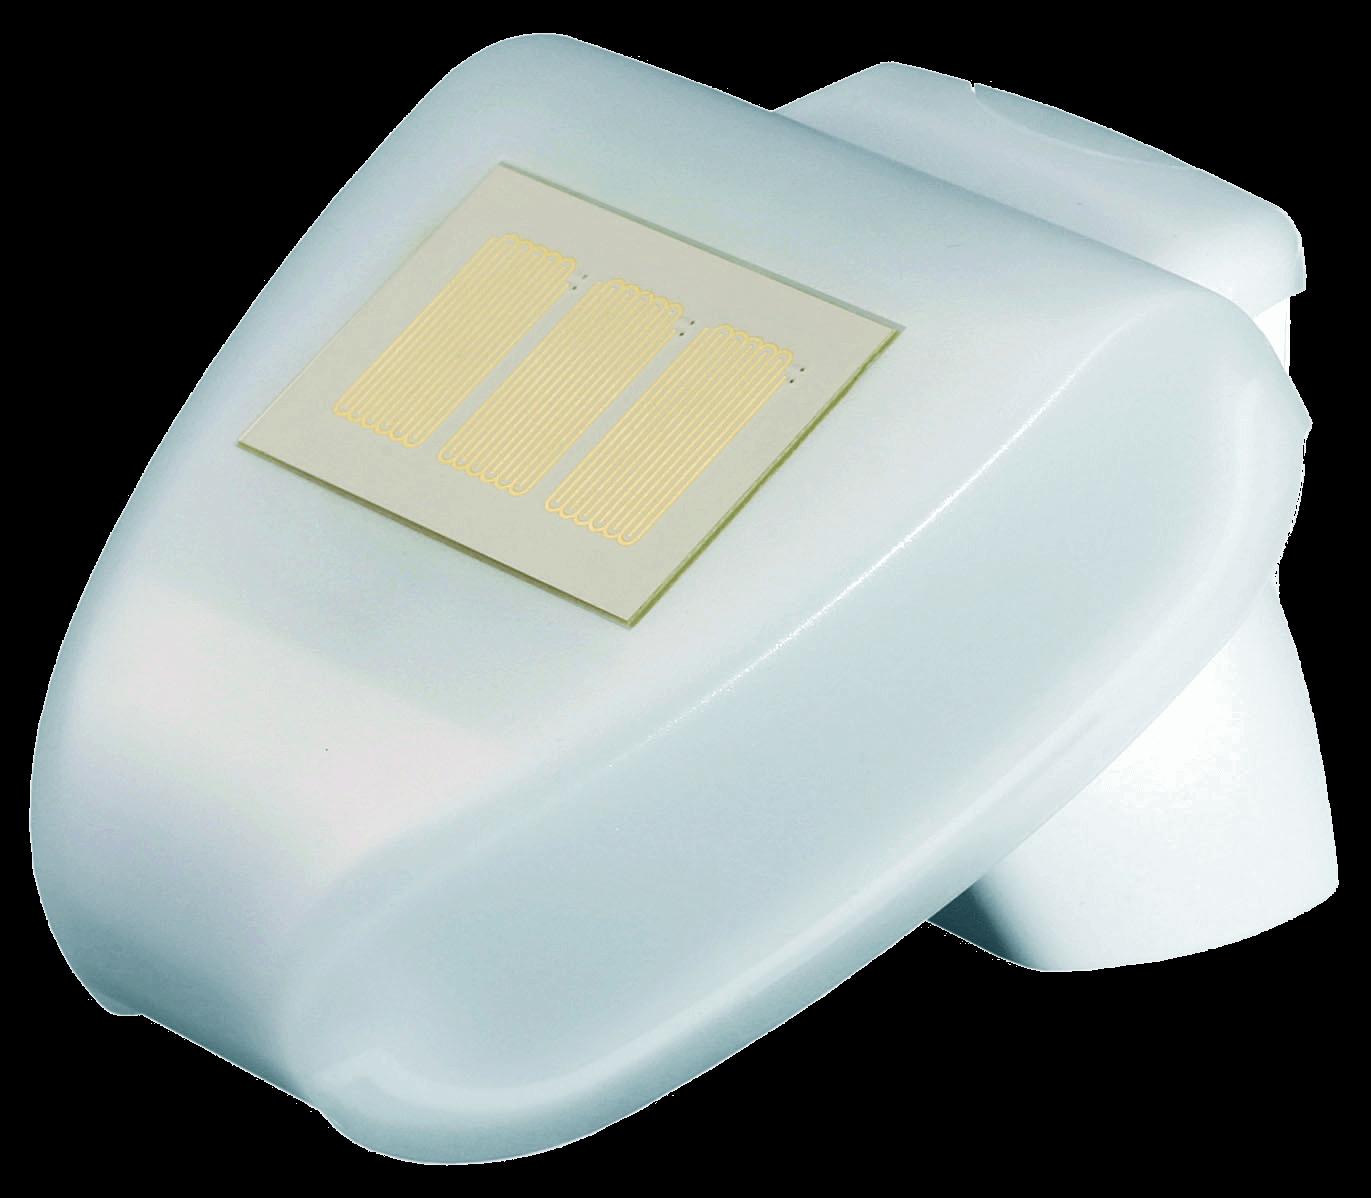 Rademacher Umweltsensor mit Duofern-Funk, ermittelt Werte für Temperatur, Wind, Sonne und Regen